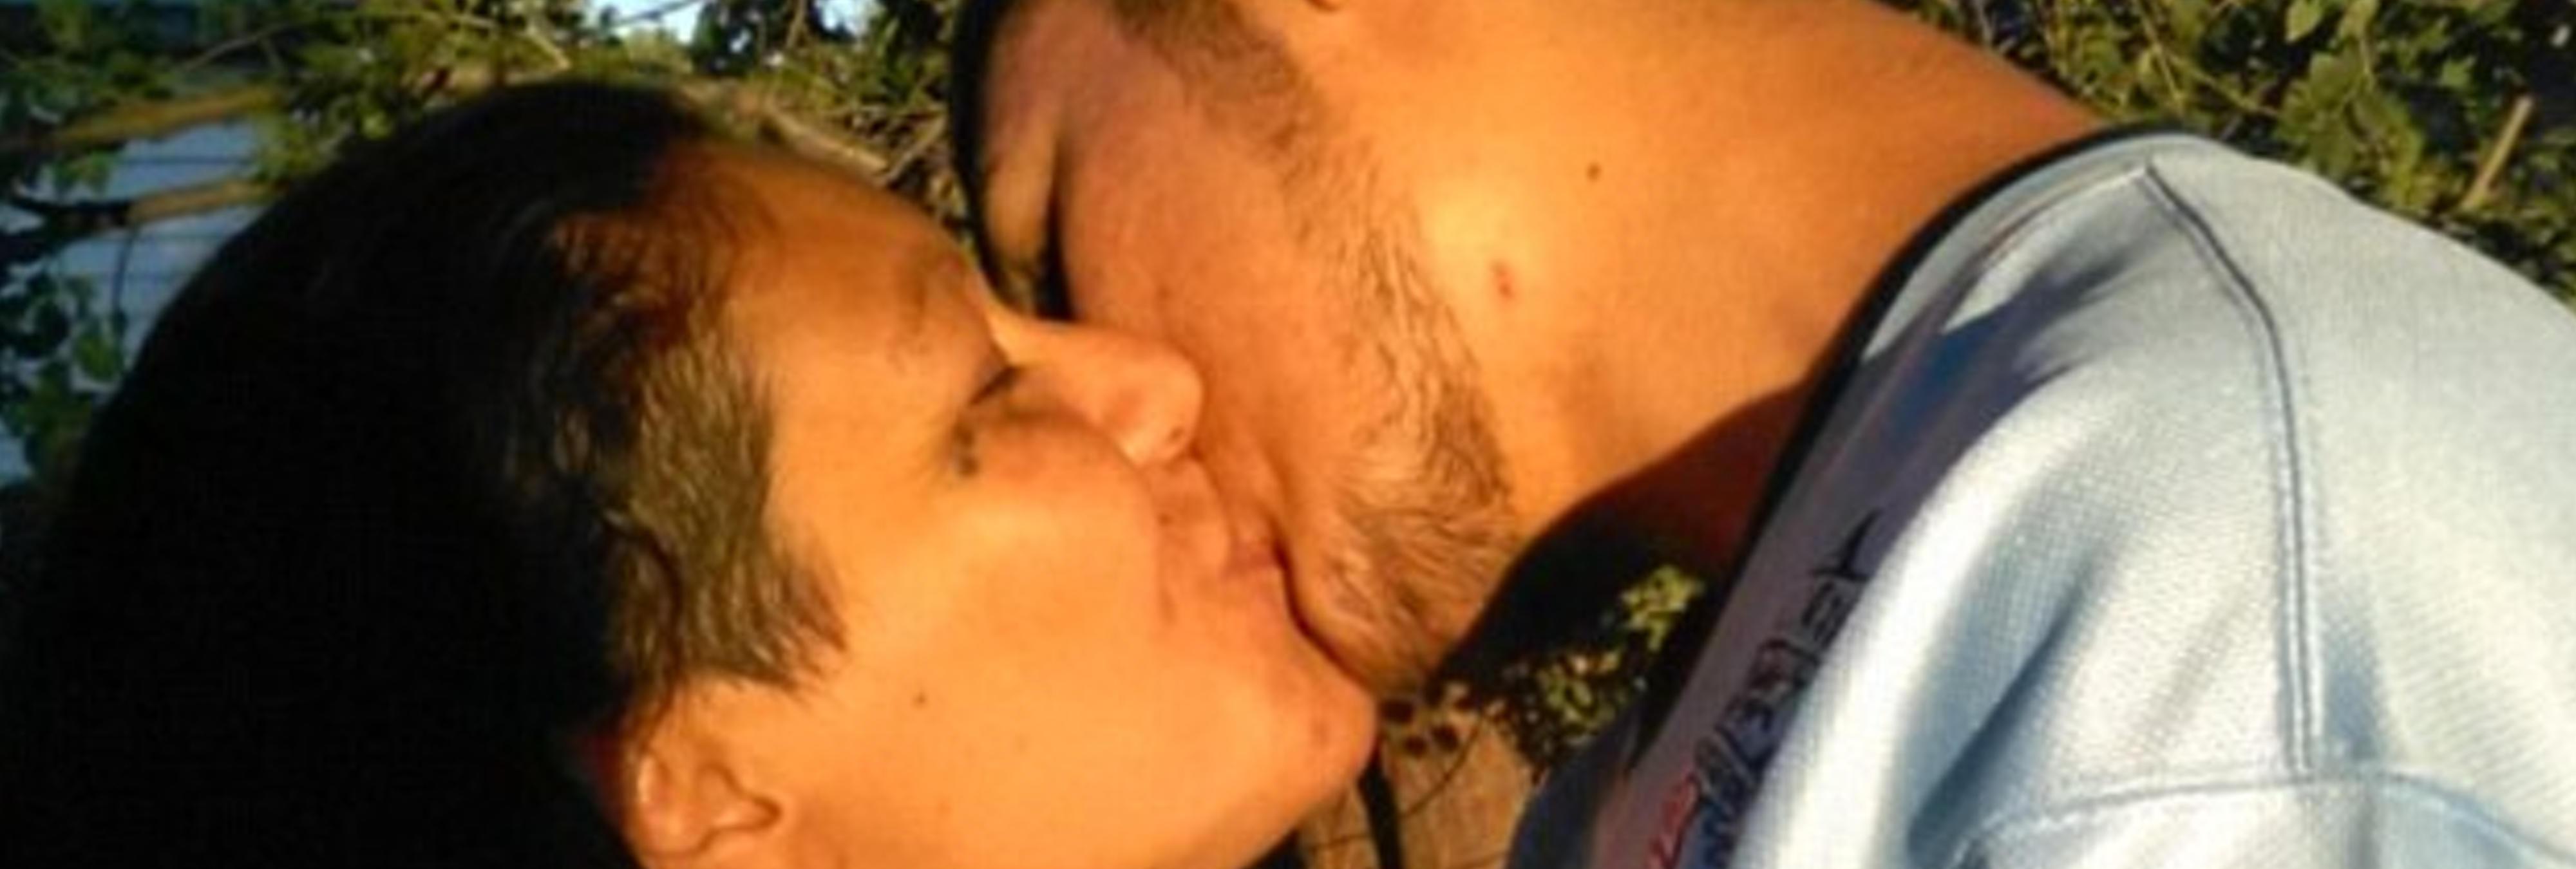 Madre e hijo biológicos defienden su relación sentimental ante una posible condena de cárcel